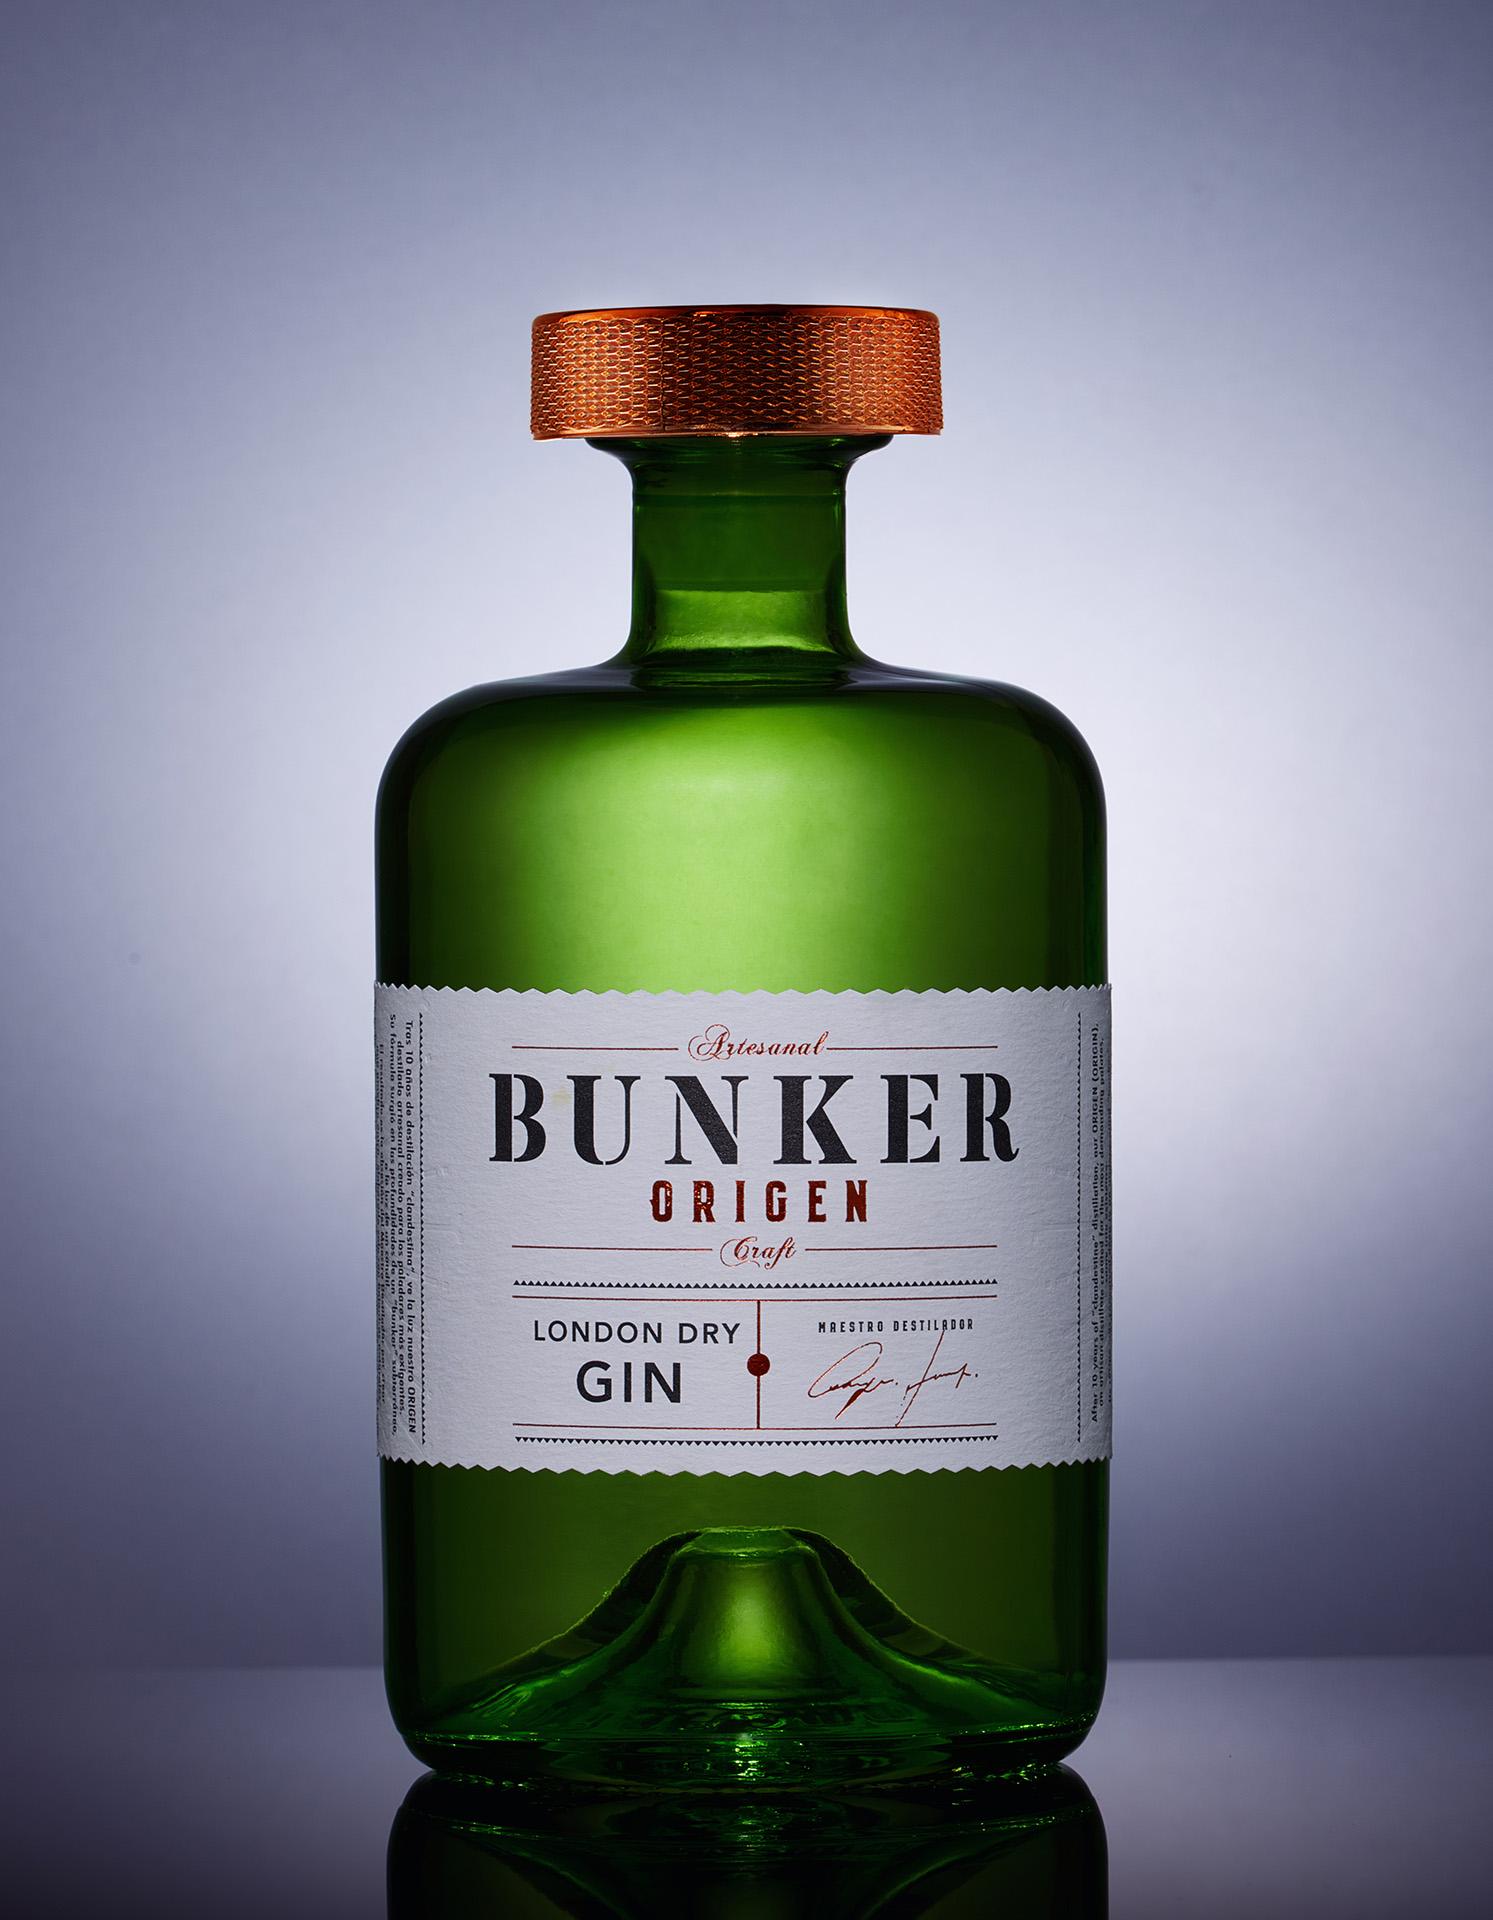 Javier Garduño Estudio de Diseño Creates New Packaging Design for Origen Gin